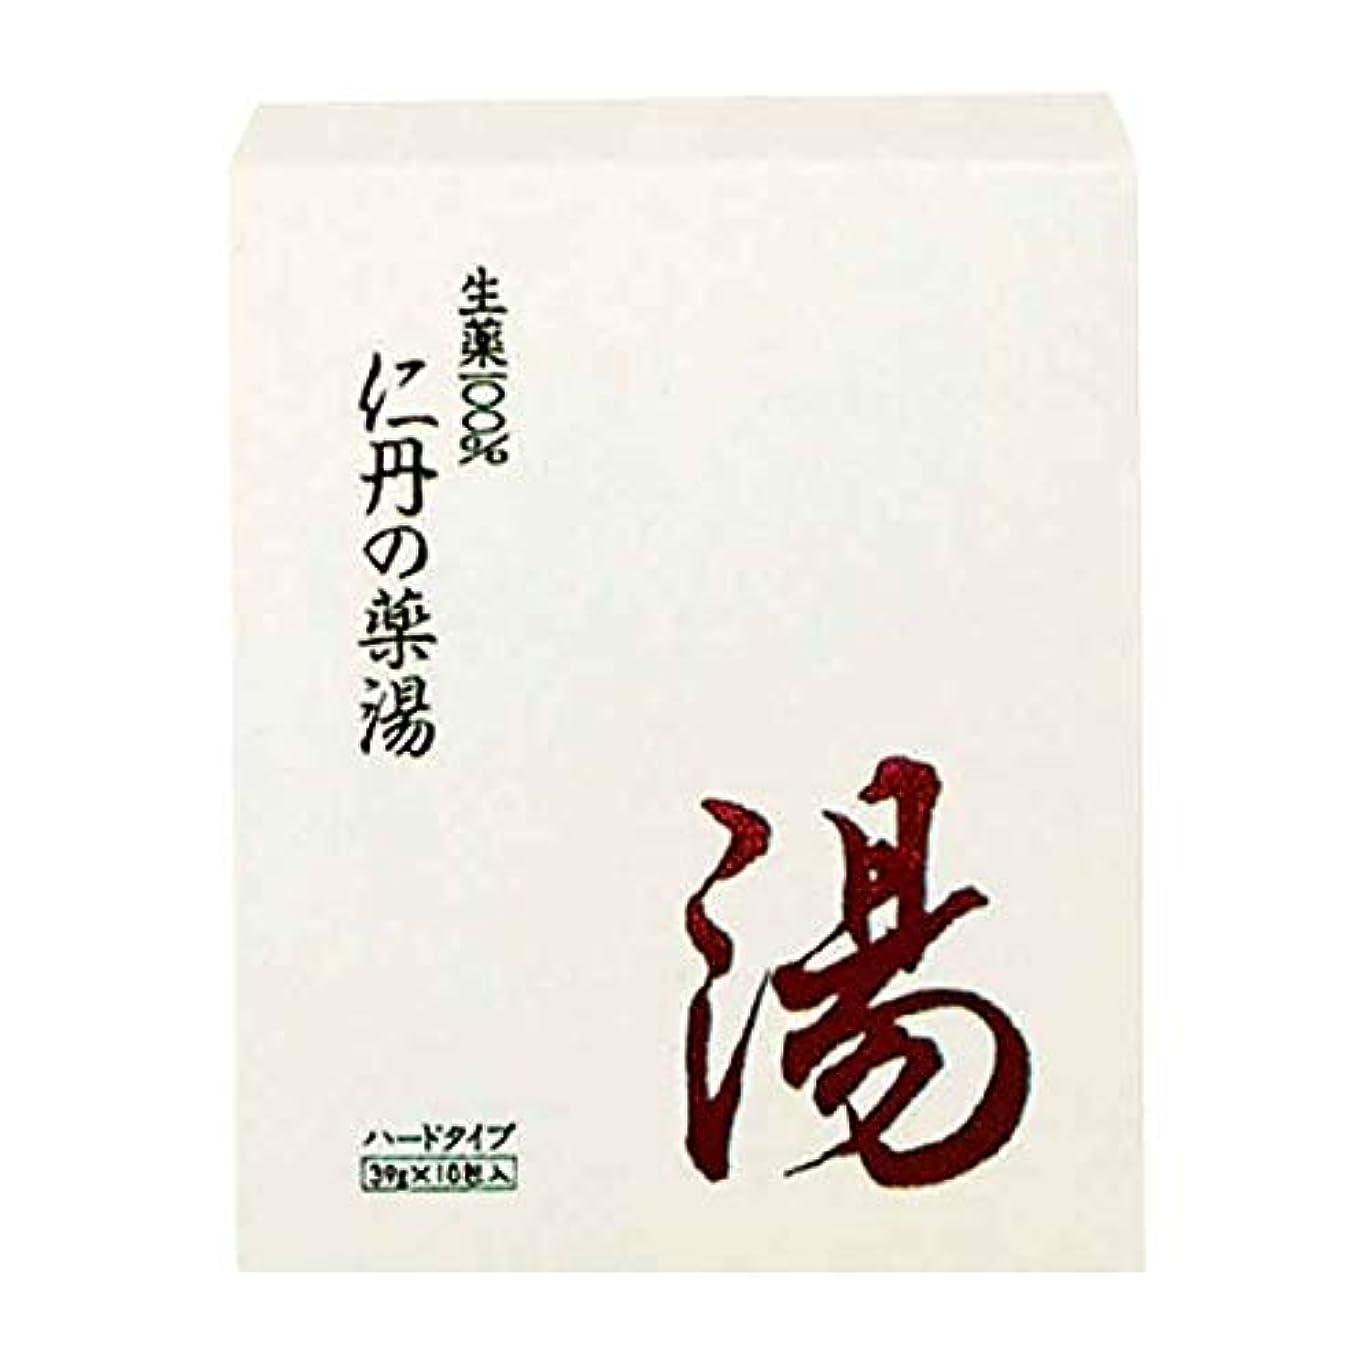 ダルセット巨大なクライストチャーチ森下仁丹 仁丹の薬湯(ハード) 10包 [医薬部外品]